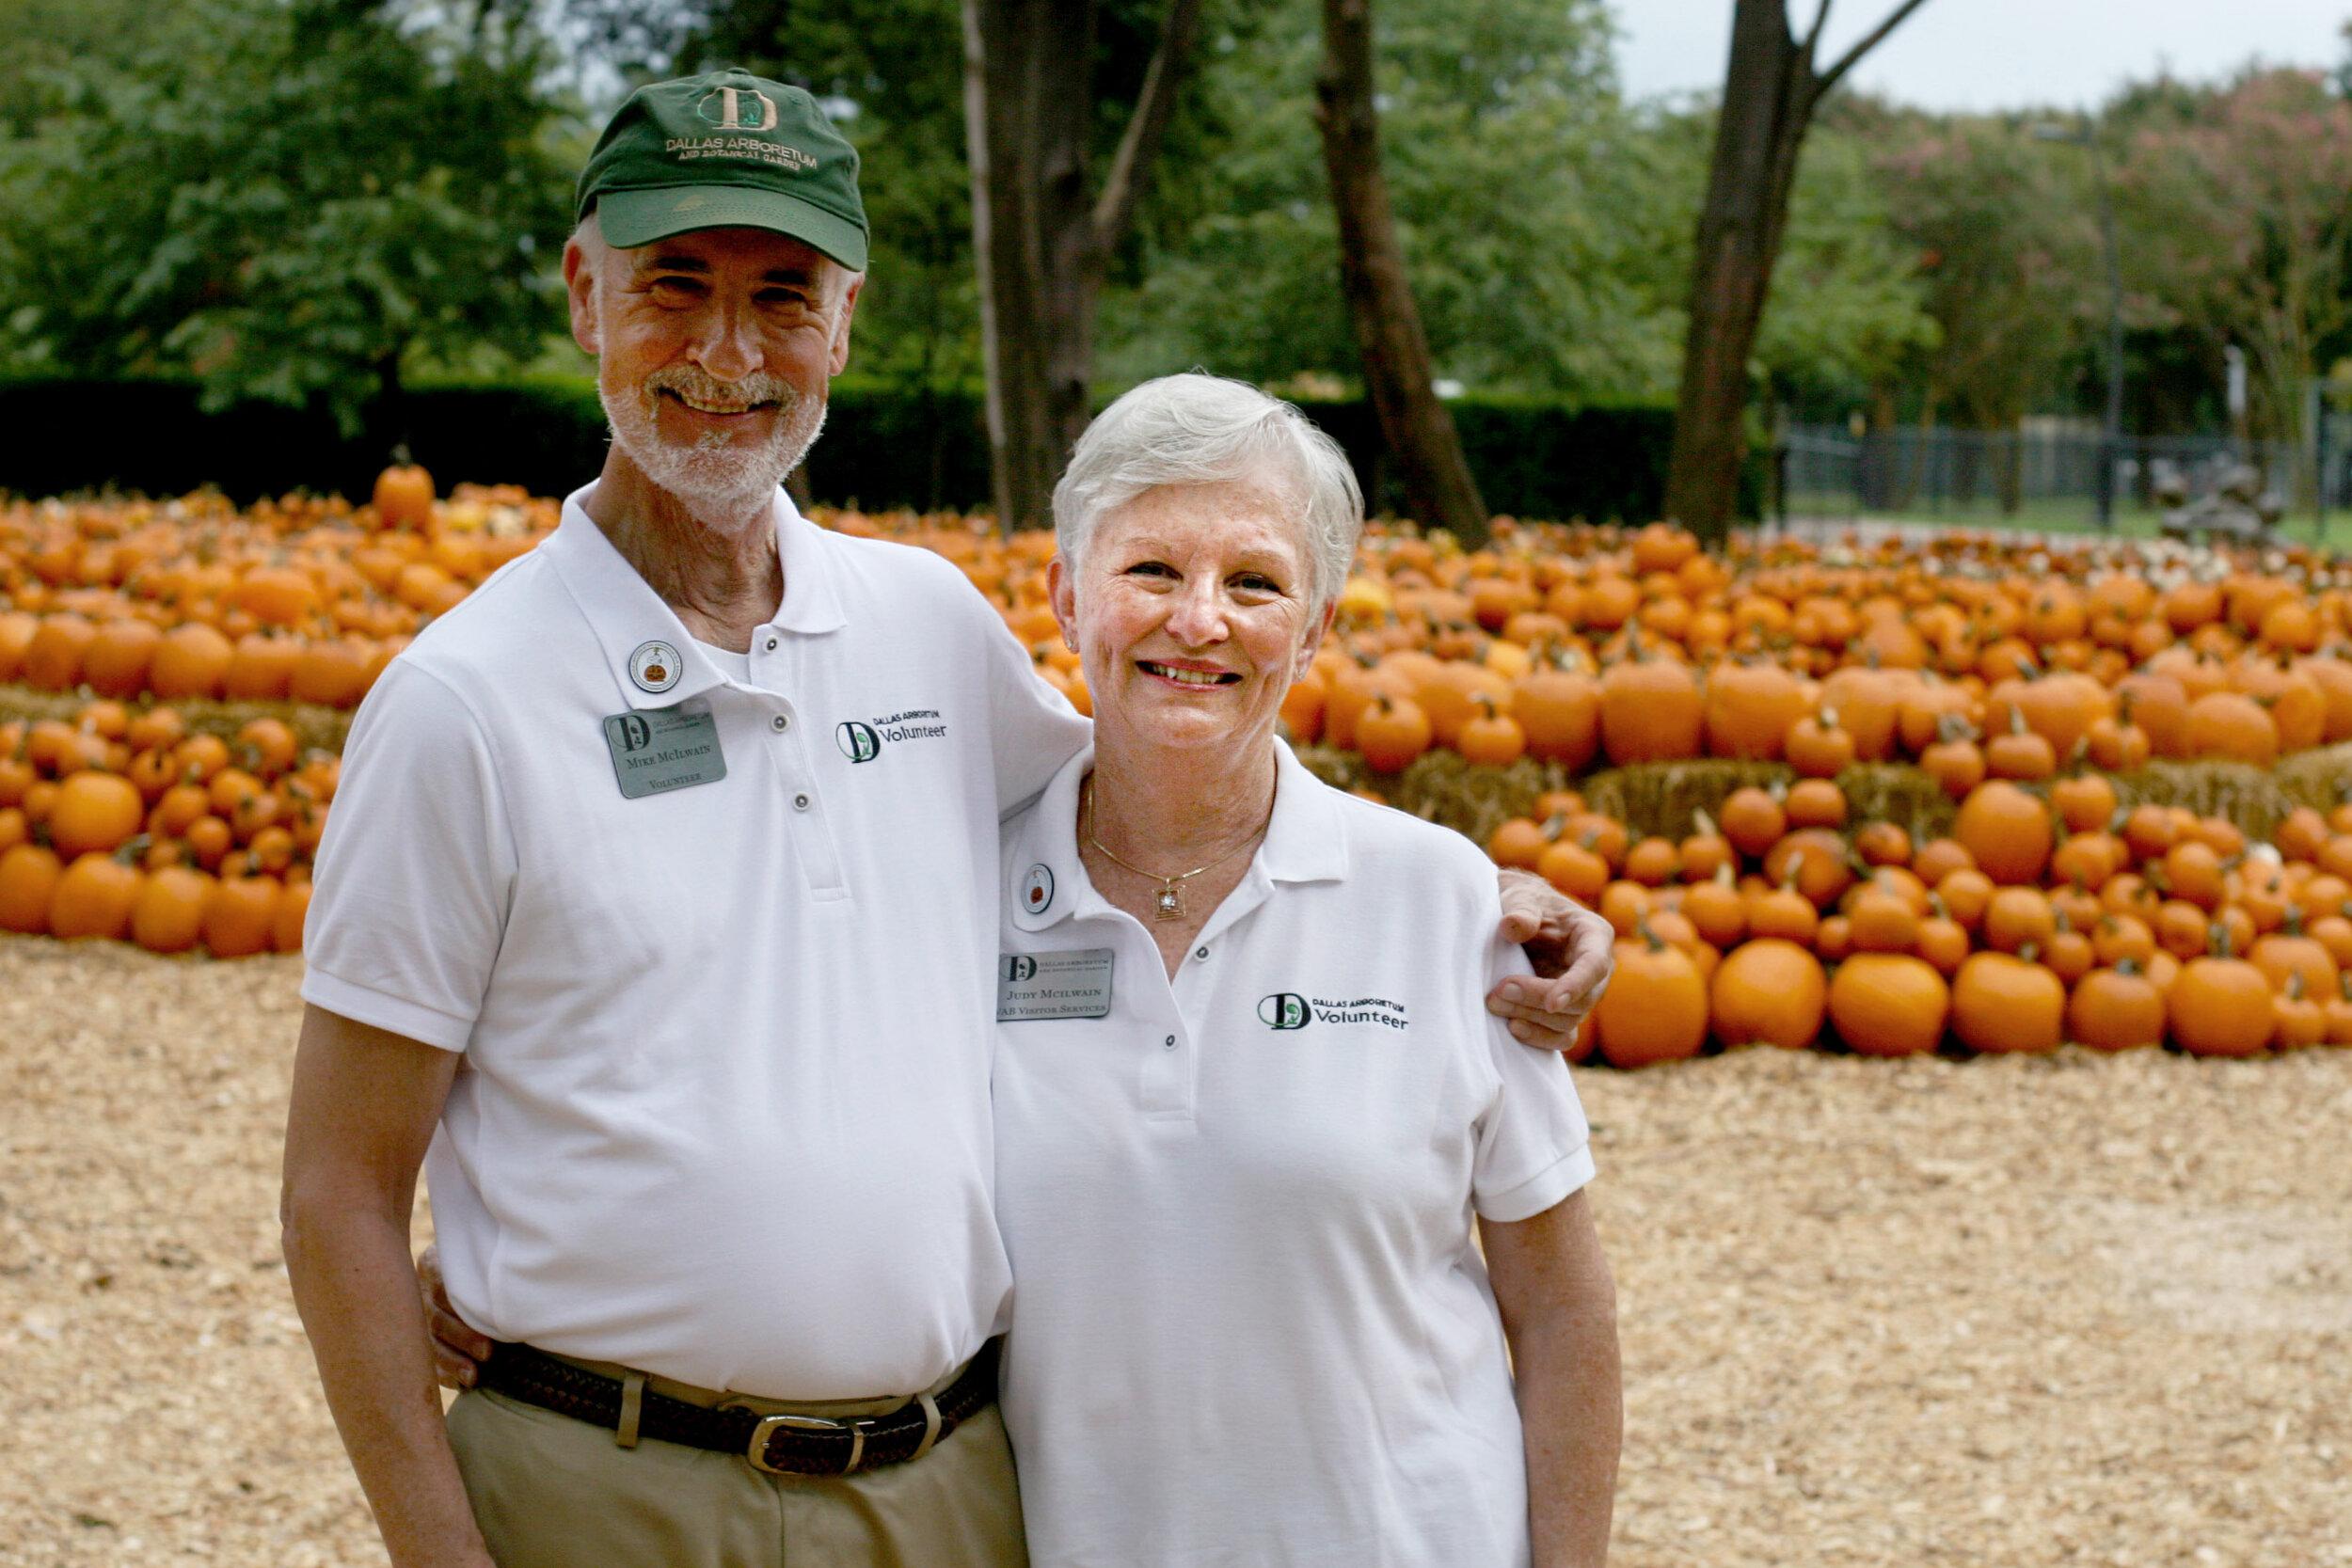 Mike and Judy McIlwain, Arboretum Volunteers